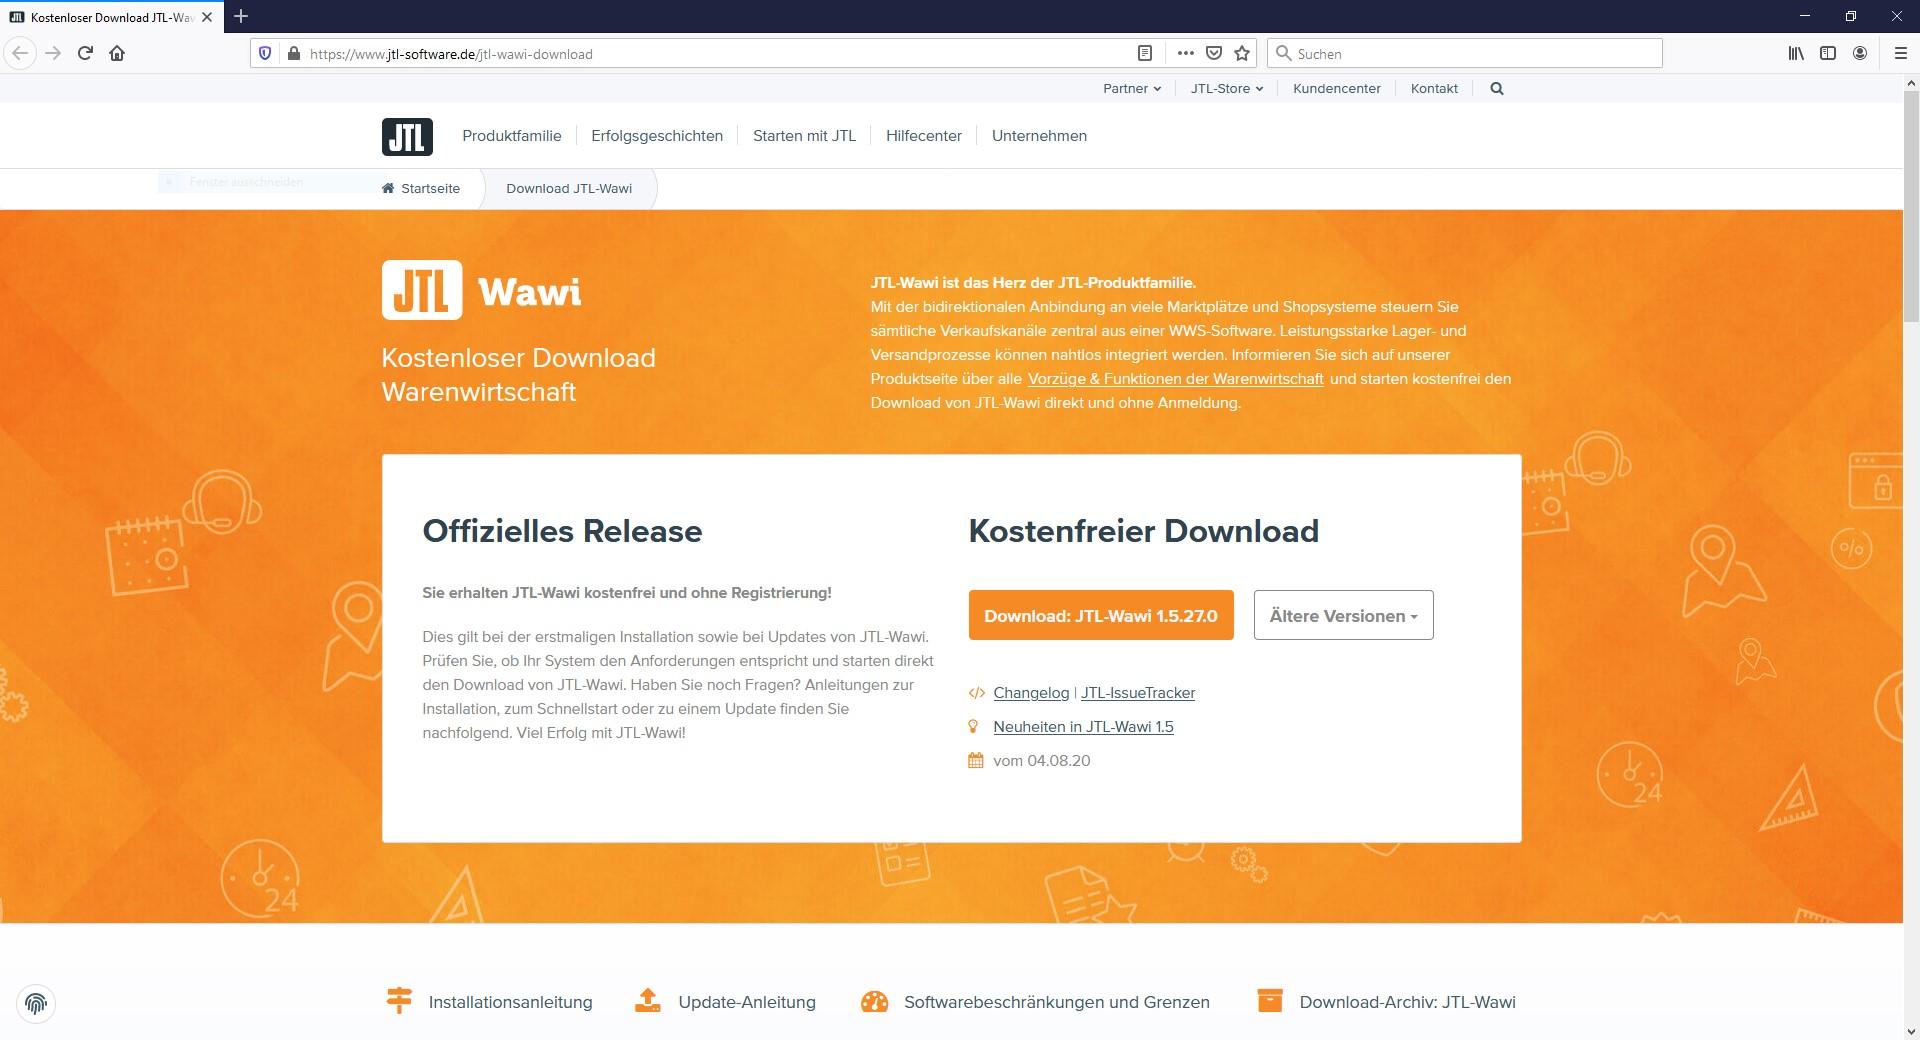 Die Downloadseite von JTL mit der aktuellsten JTL-Version